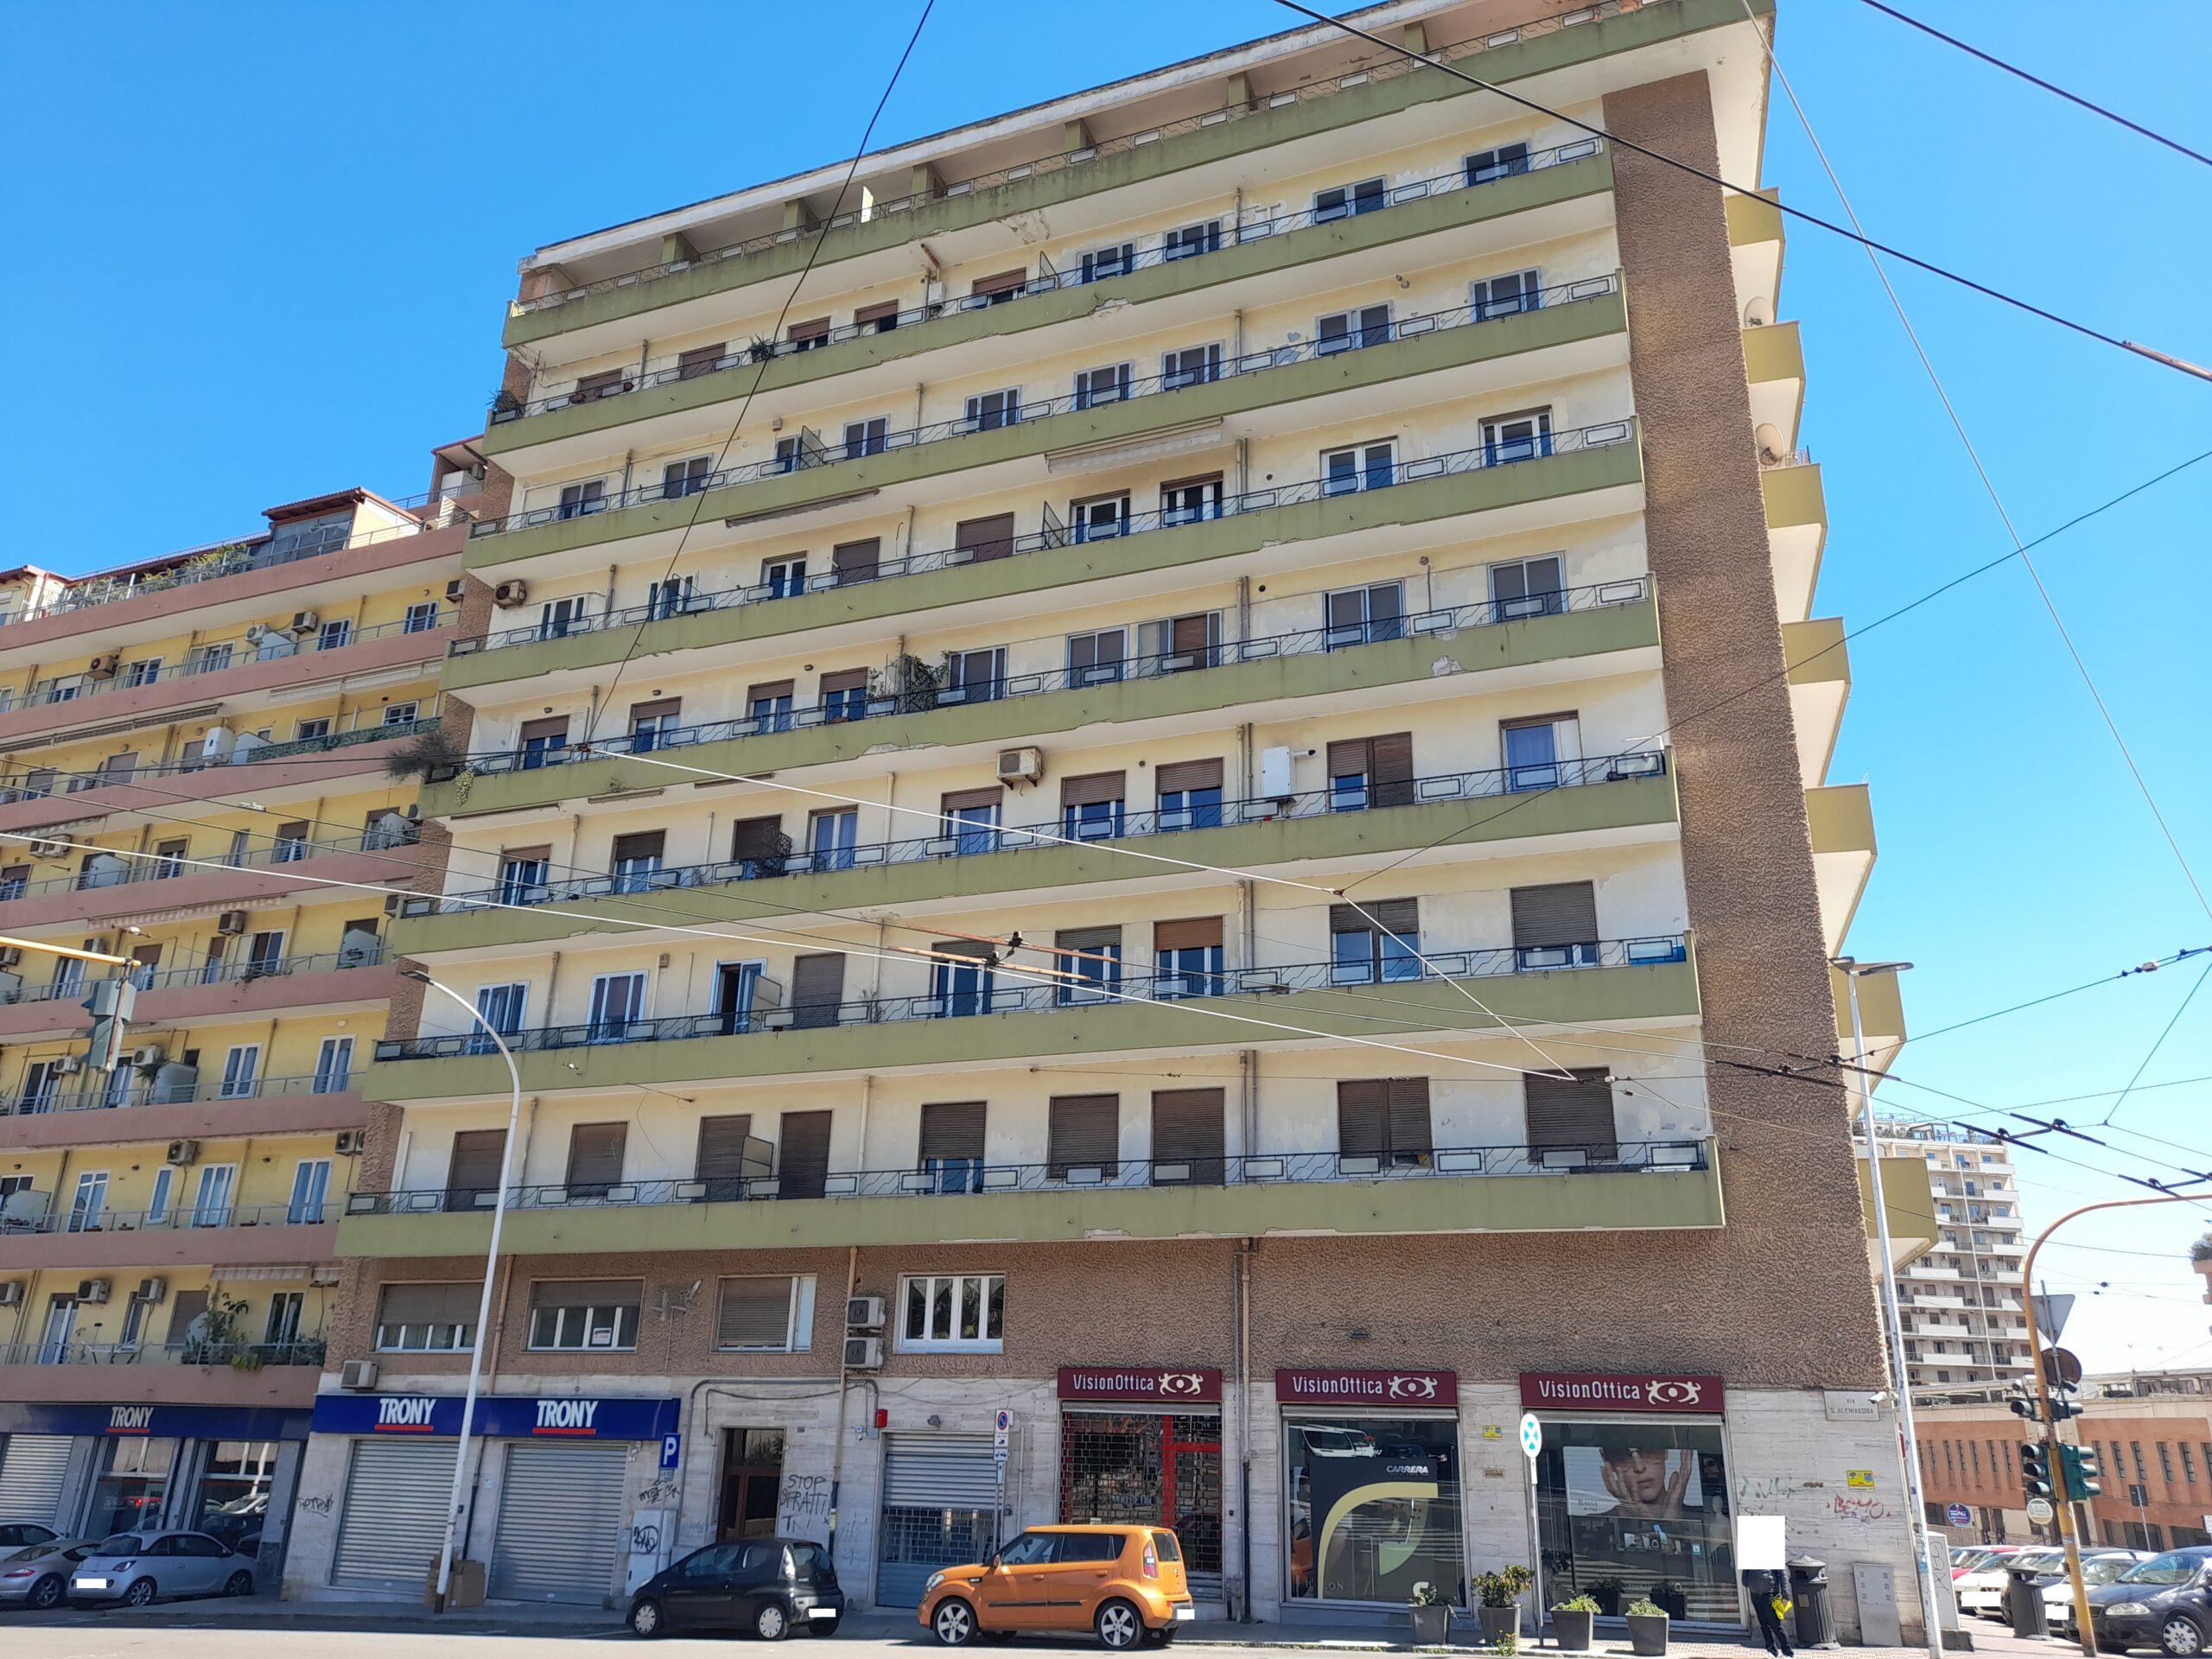 Cagliari via S'Alenixedda bivano ristrutturato